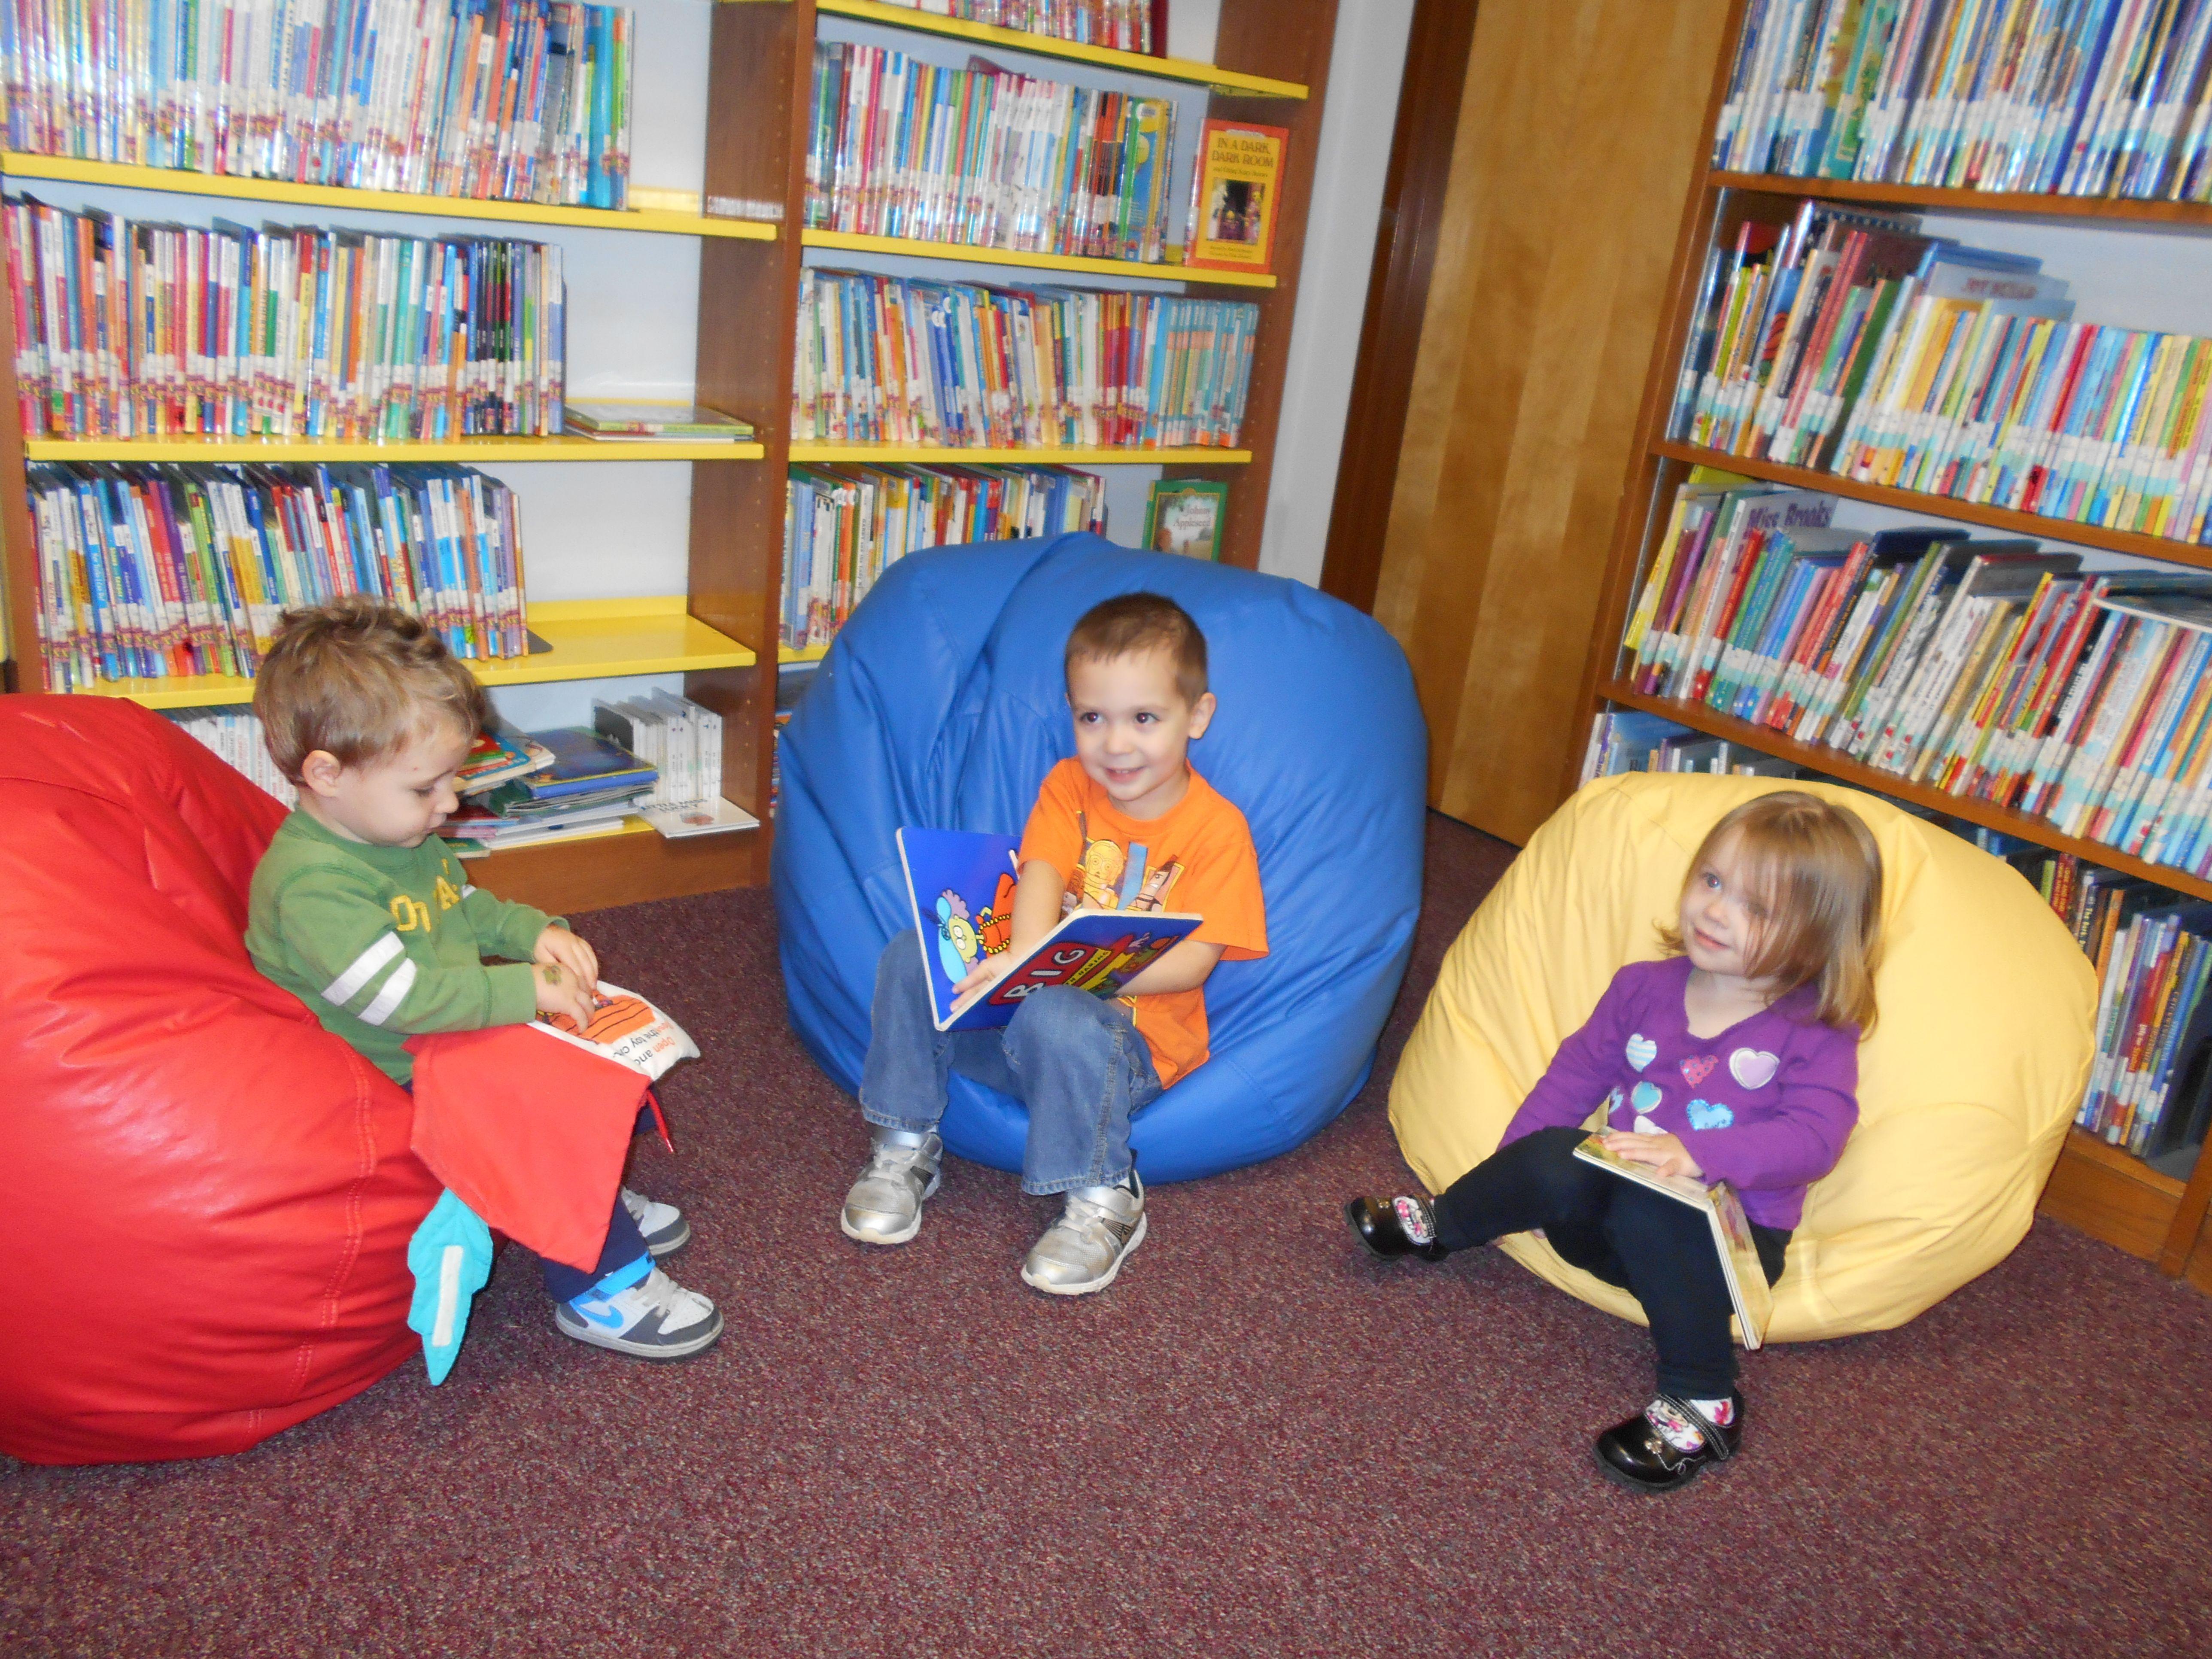 Certains experts en développement de l'enfant affirment que la lecture de textes débutants est exagérée au terme de la maternelle. C'est le cas de Nancy Carlsson-Paige, professeure émérite à l'Université Lesley au Massachusetts.